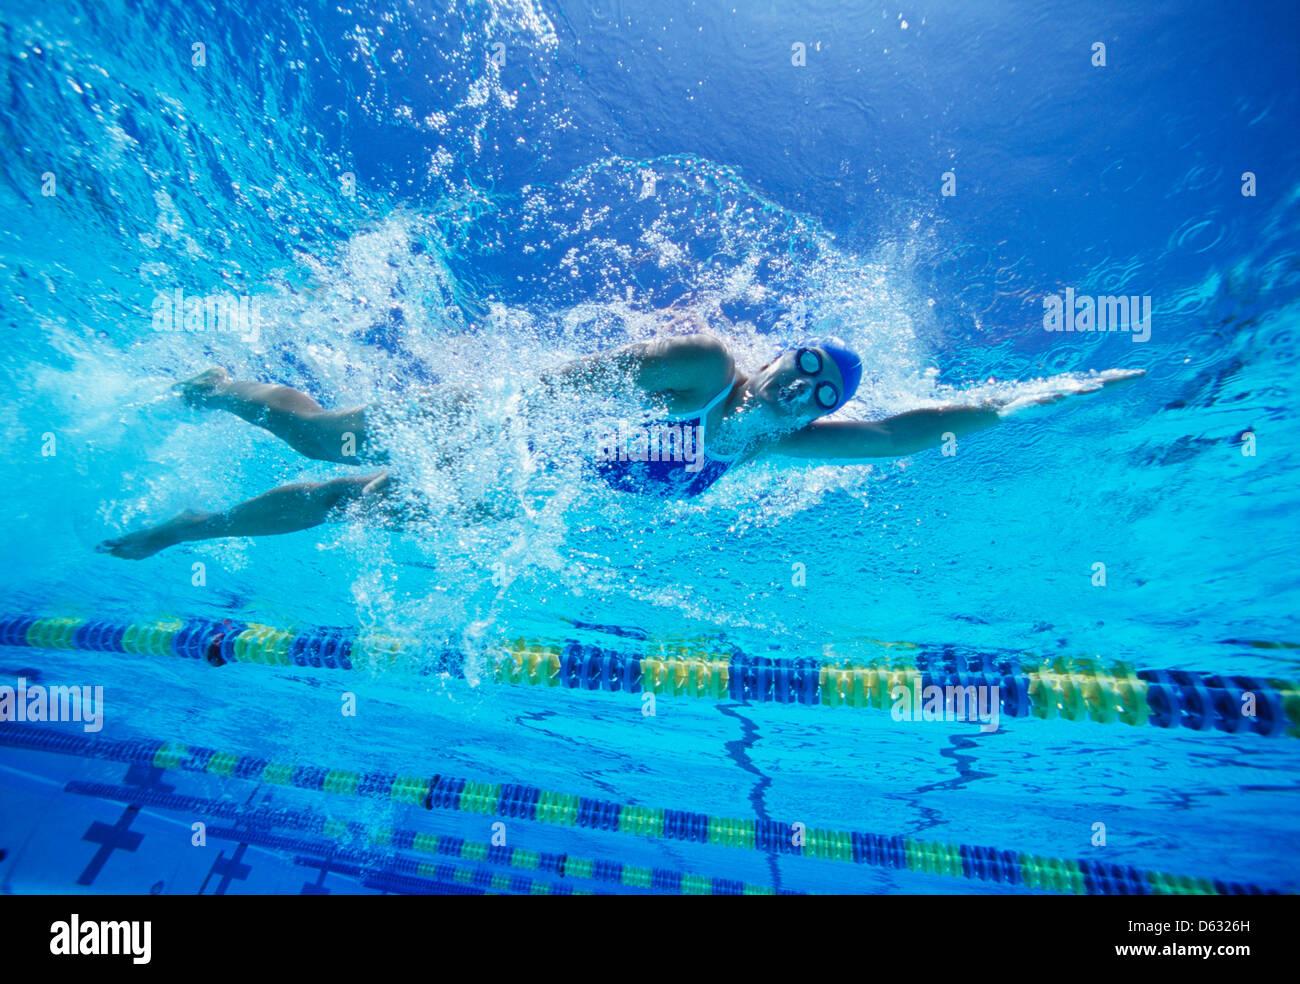 Nuotatore femminile negli Stati Uniti il costume da bagno durante il nuoto in piscina Immagini Stock